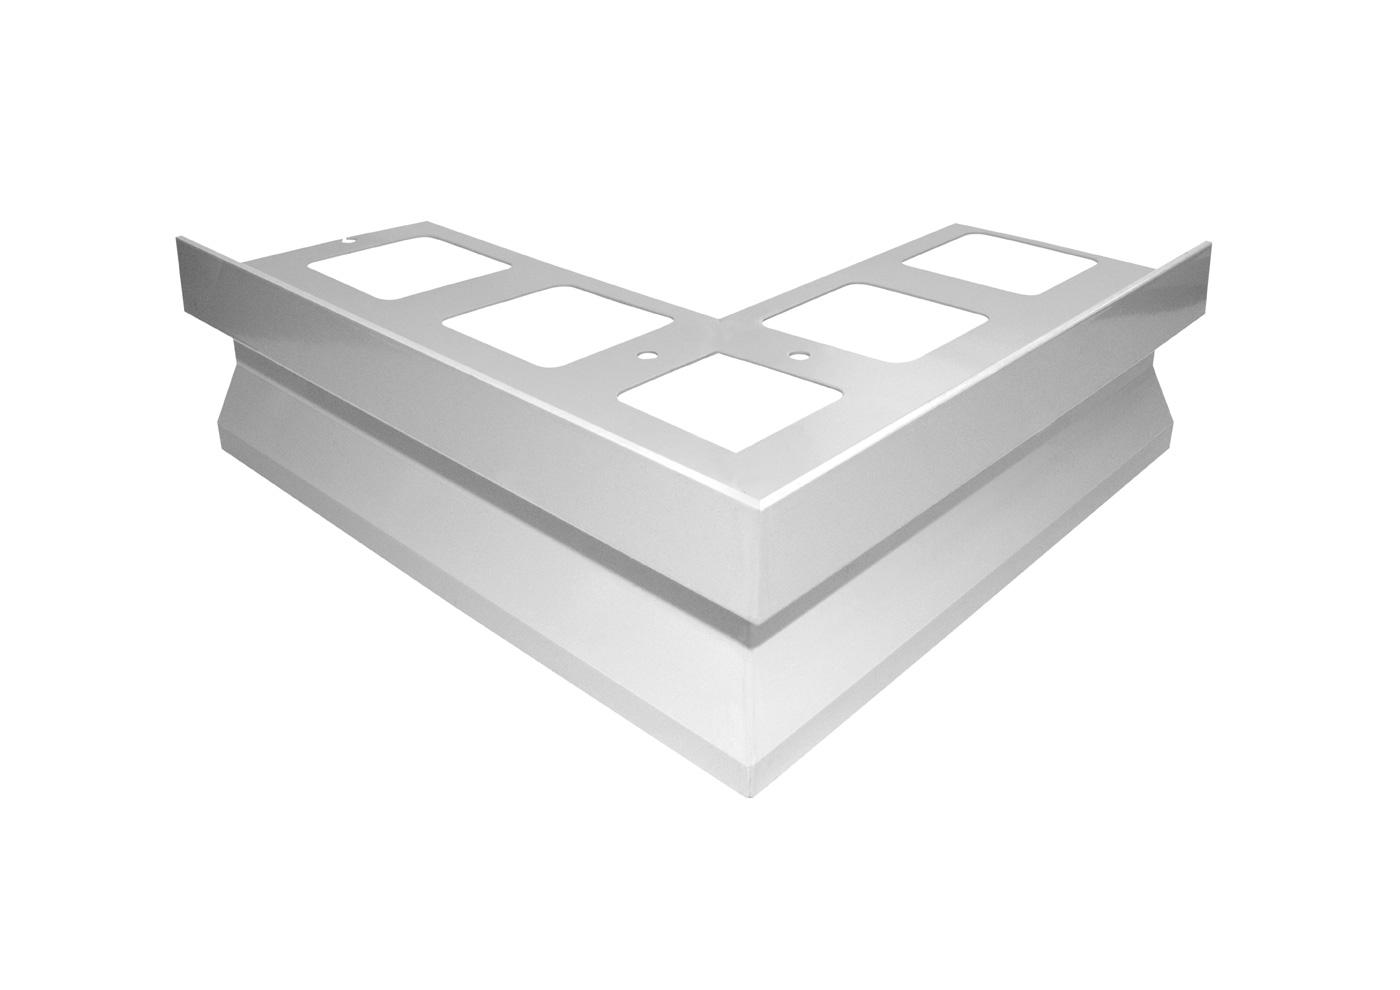 Gocciolatoio TOP per balconi e terrazze in alluminio